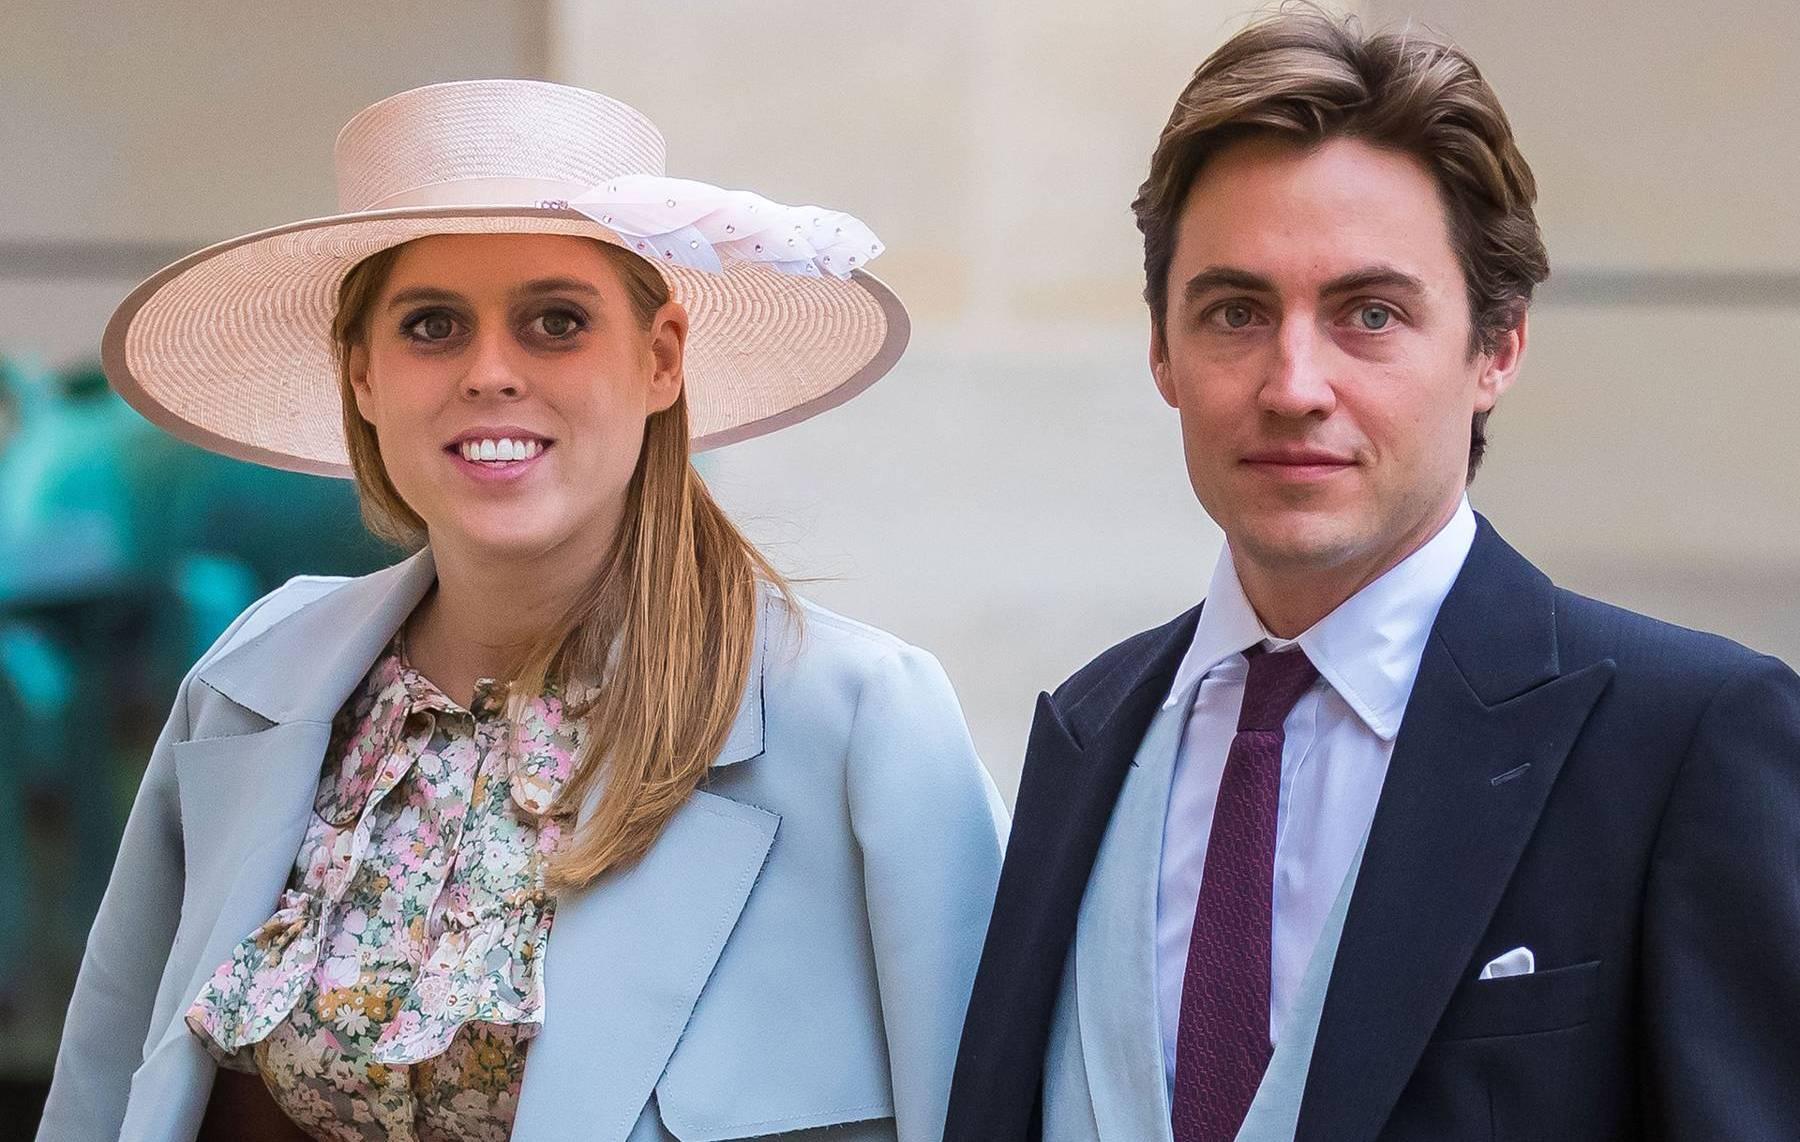 Онучка Єлизавети II екстрено госпіталізована на 8 місяці вагітності